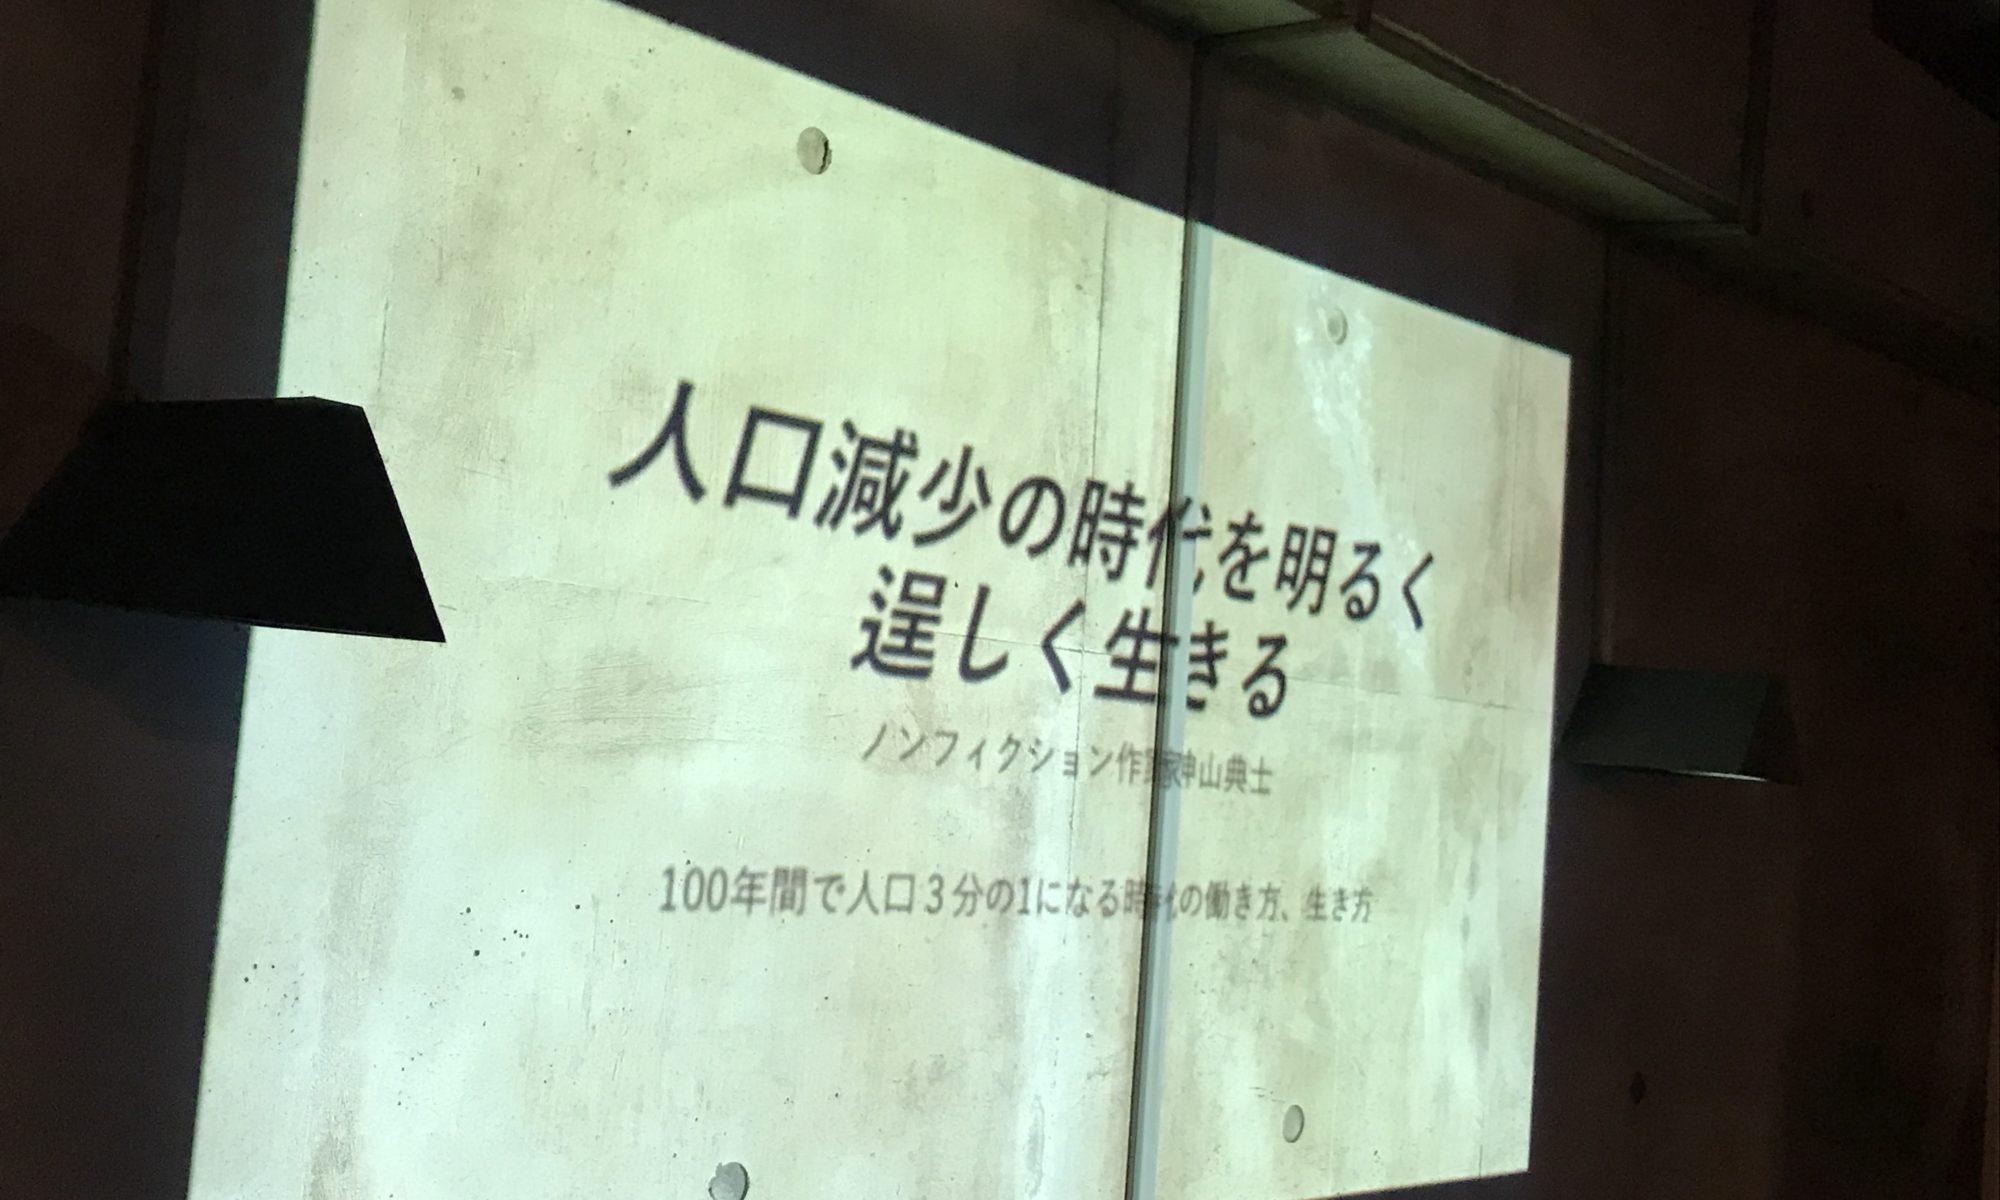 『成功する里山ビジネス~ダウンシフトという選択』出版記念勉強会